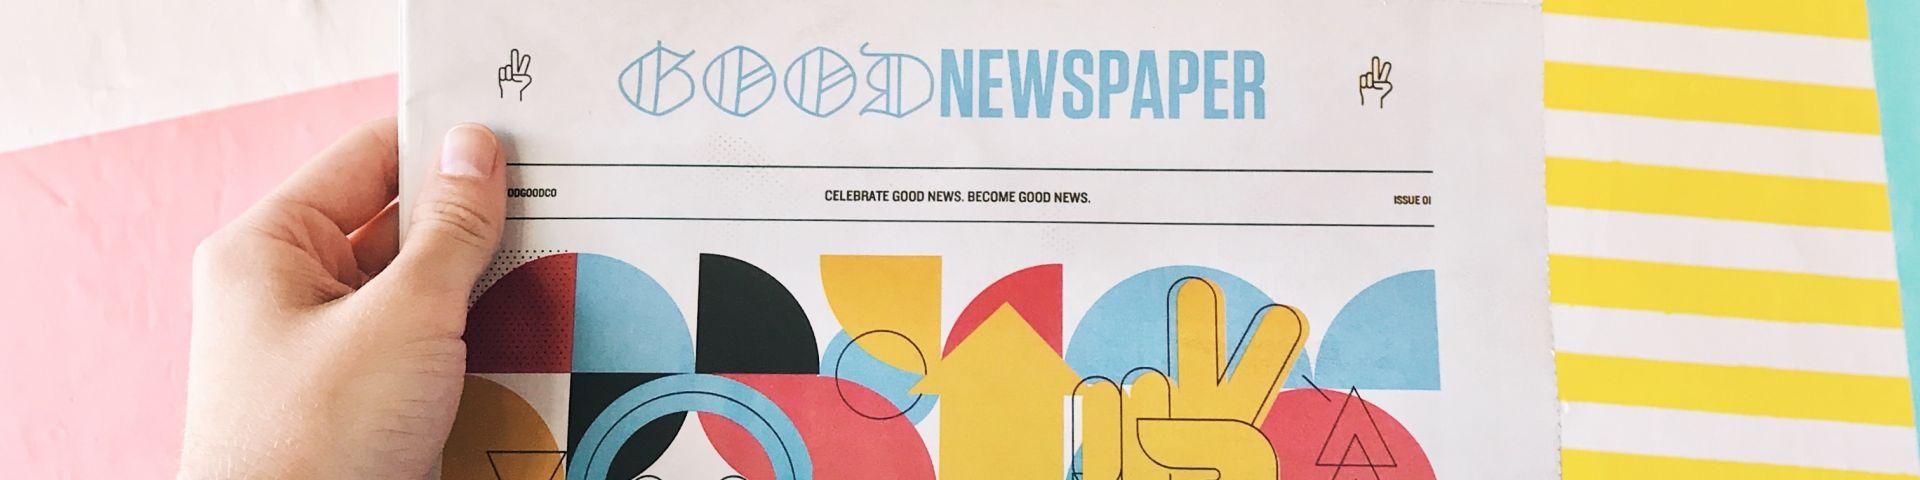 Φωτογραφία που απεικονίζει μία πολύχρωμη εφημερίδα